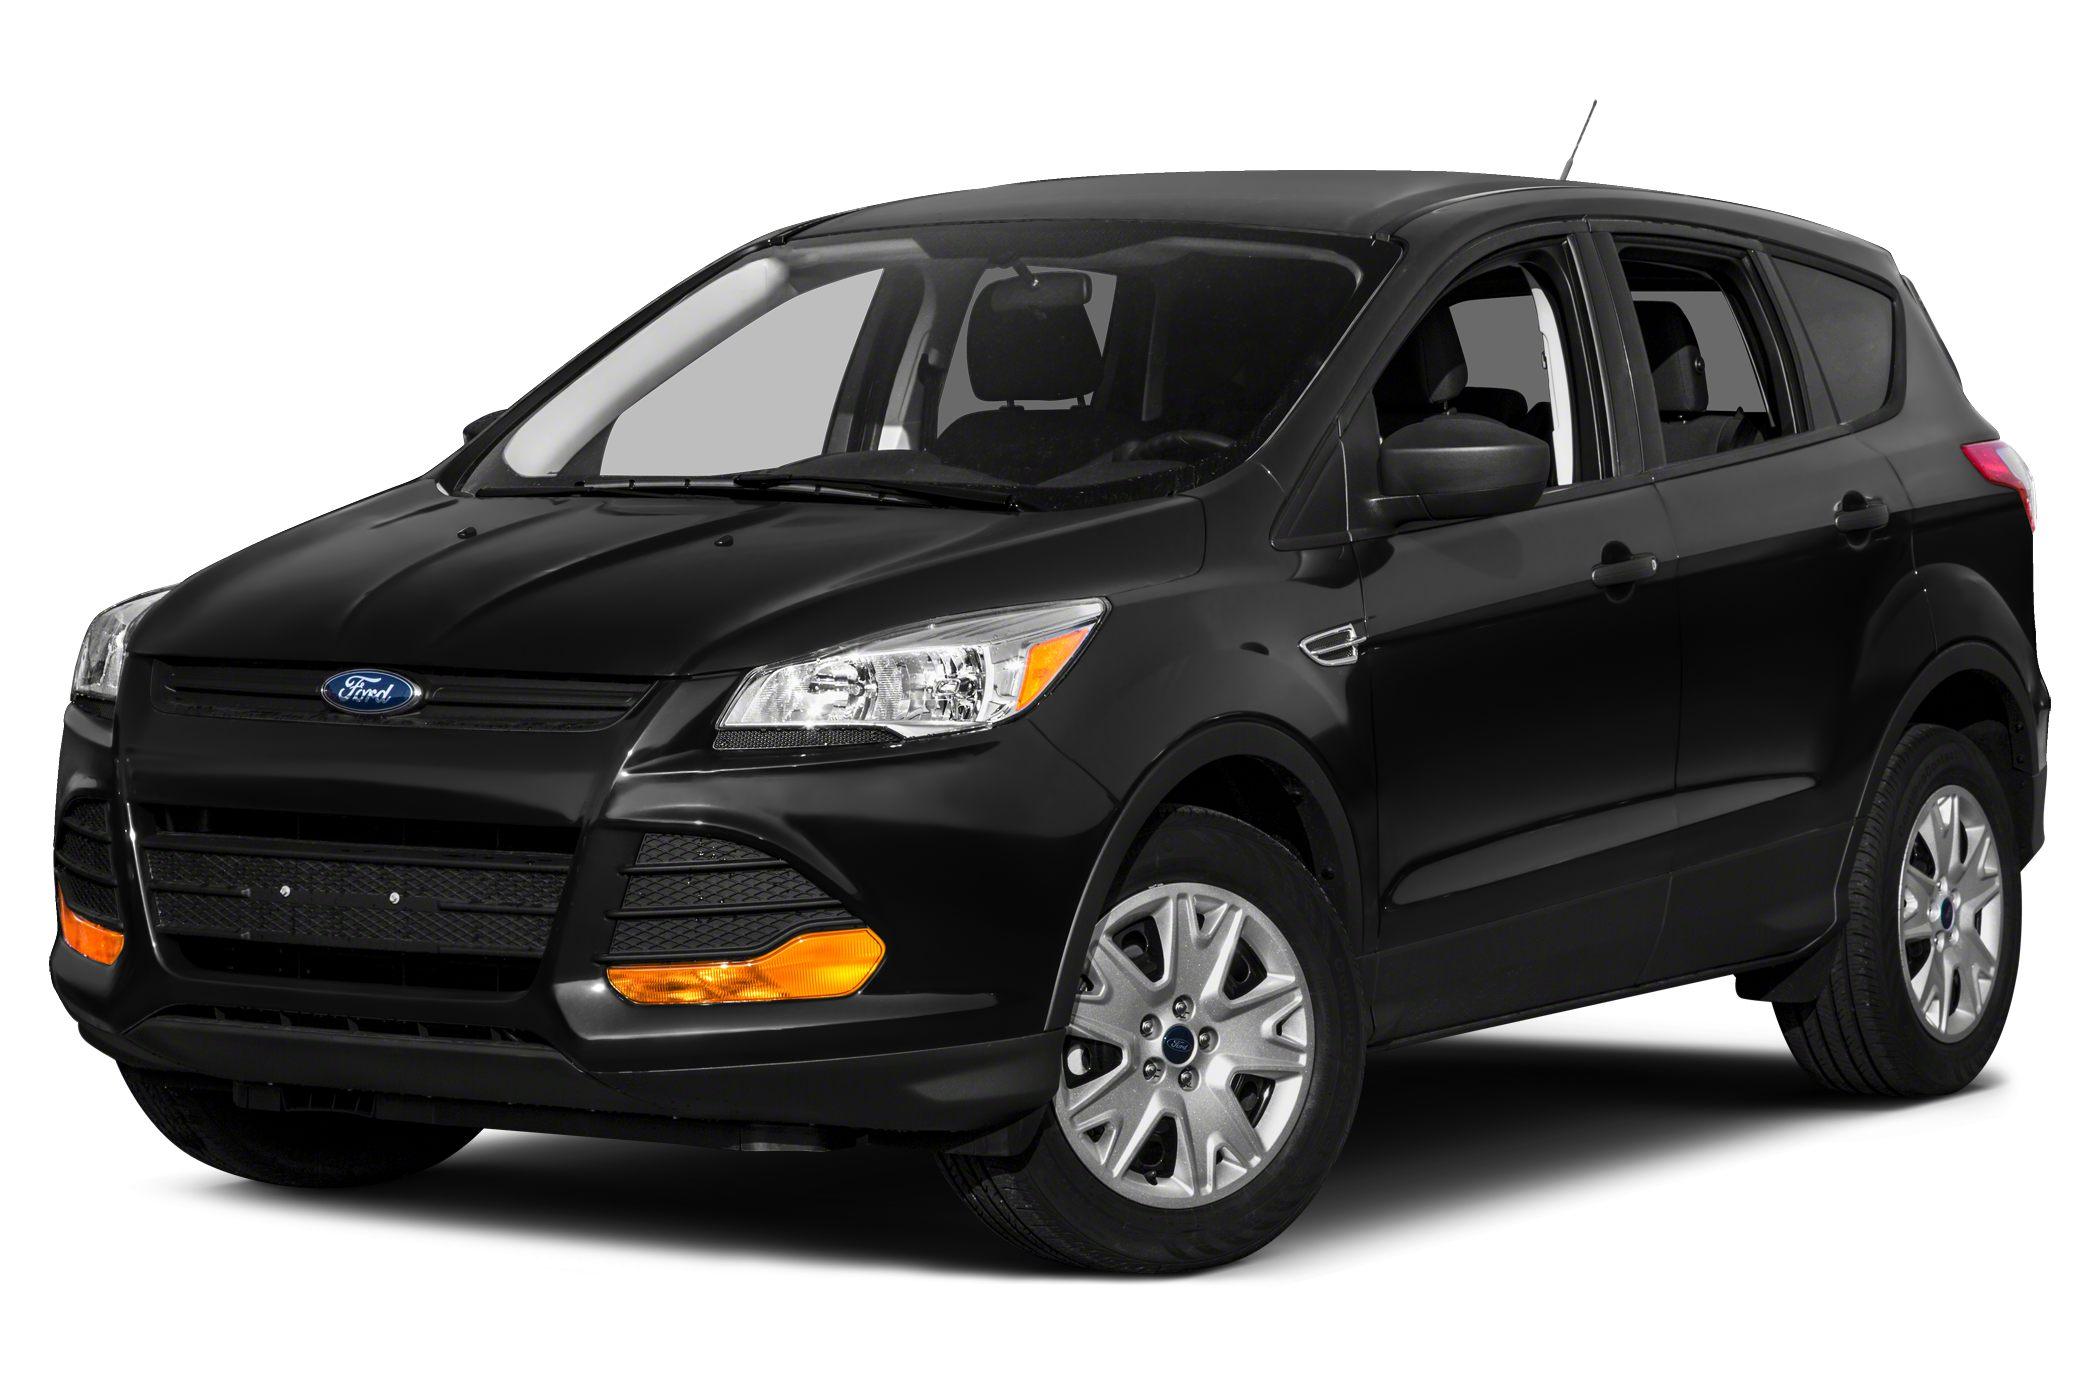 2017 Ford Escape Recalls